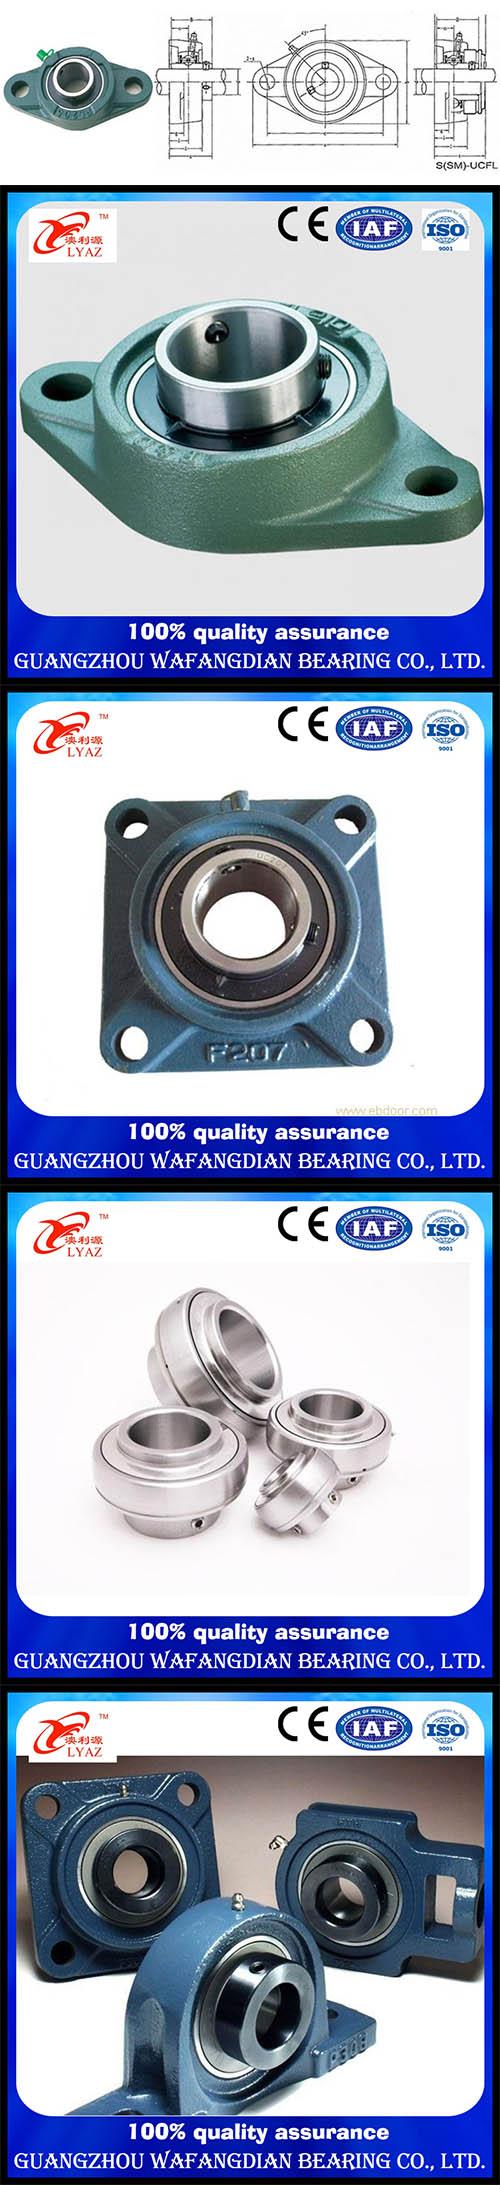 Insert Bearing Uc207 Uc209 Uc211 Uc212 Uc213